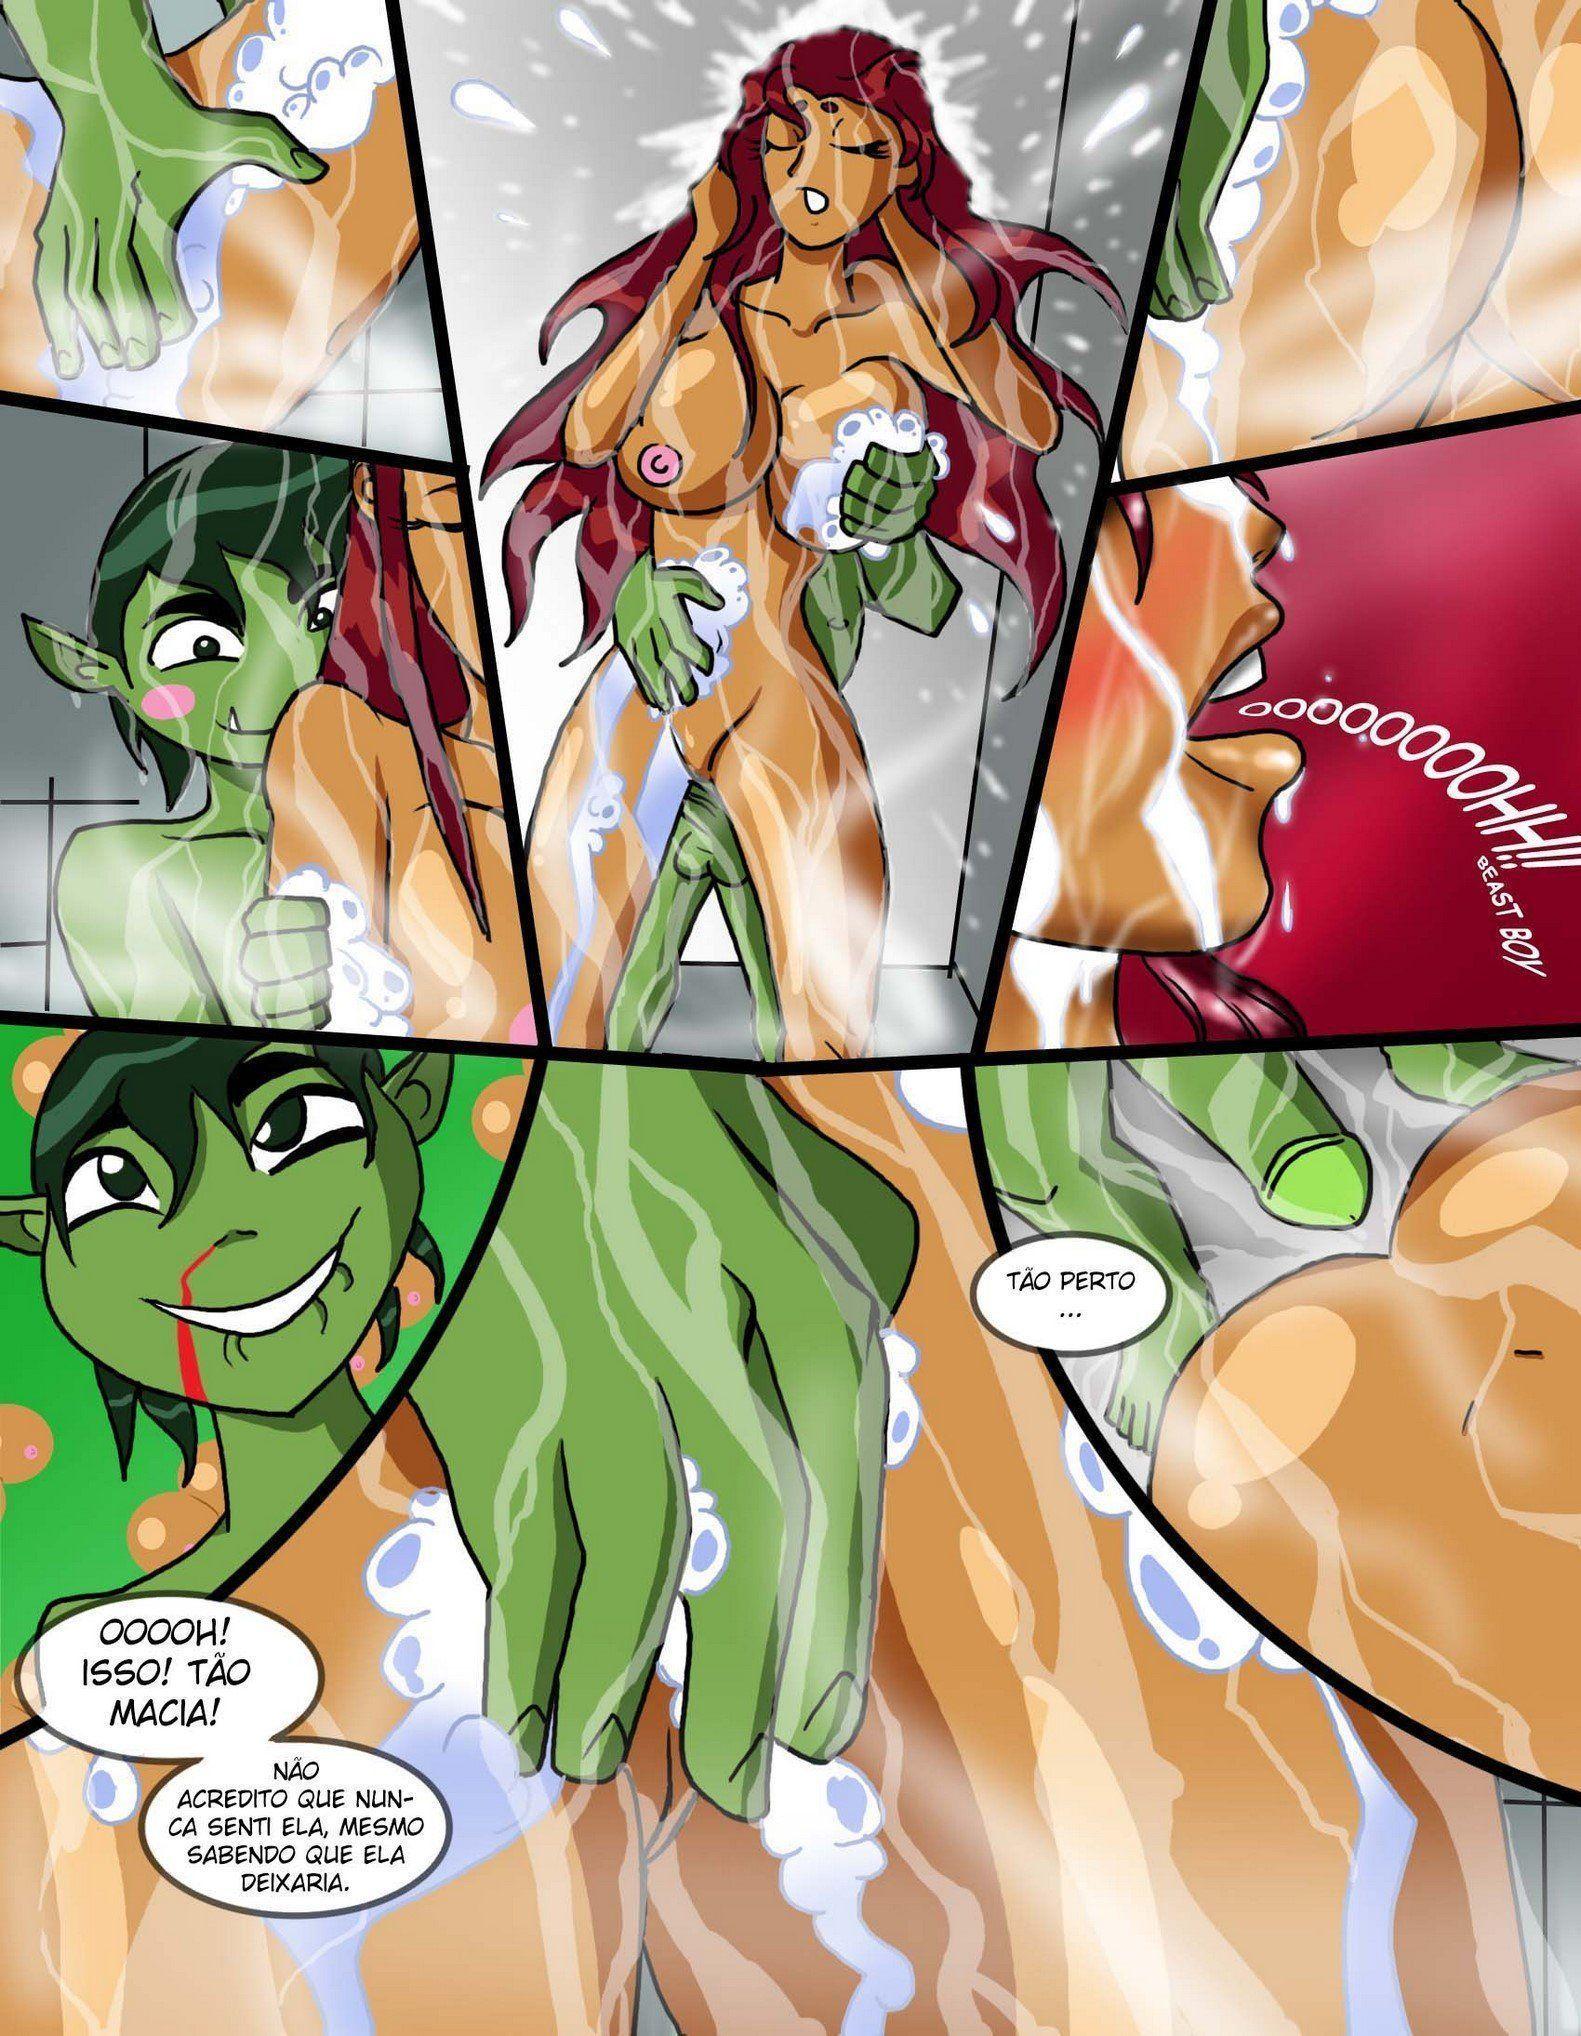 Mutano pega Estelar no banho - Heróis XXX - Foto 9